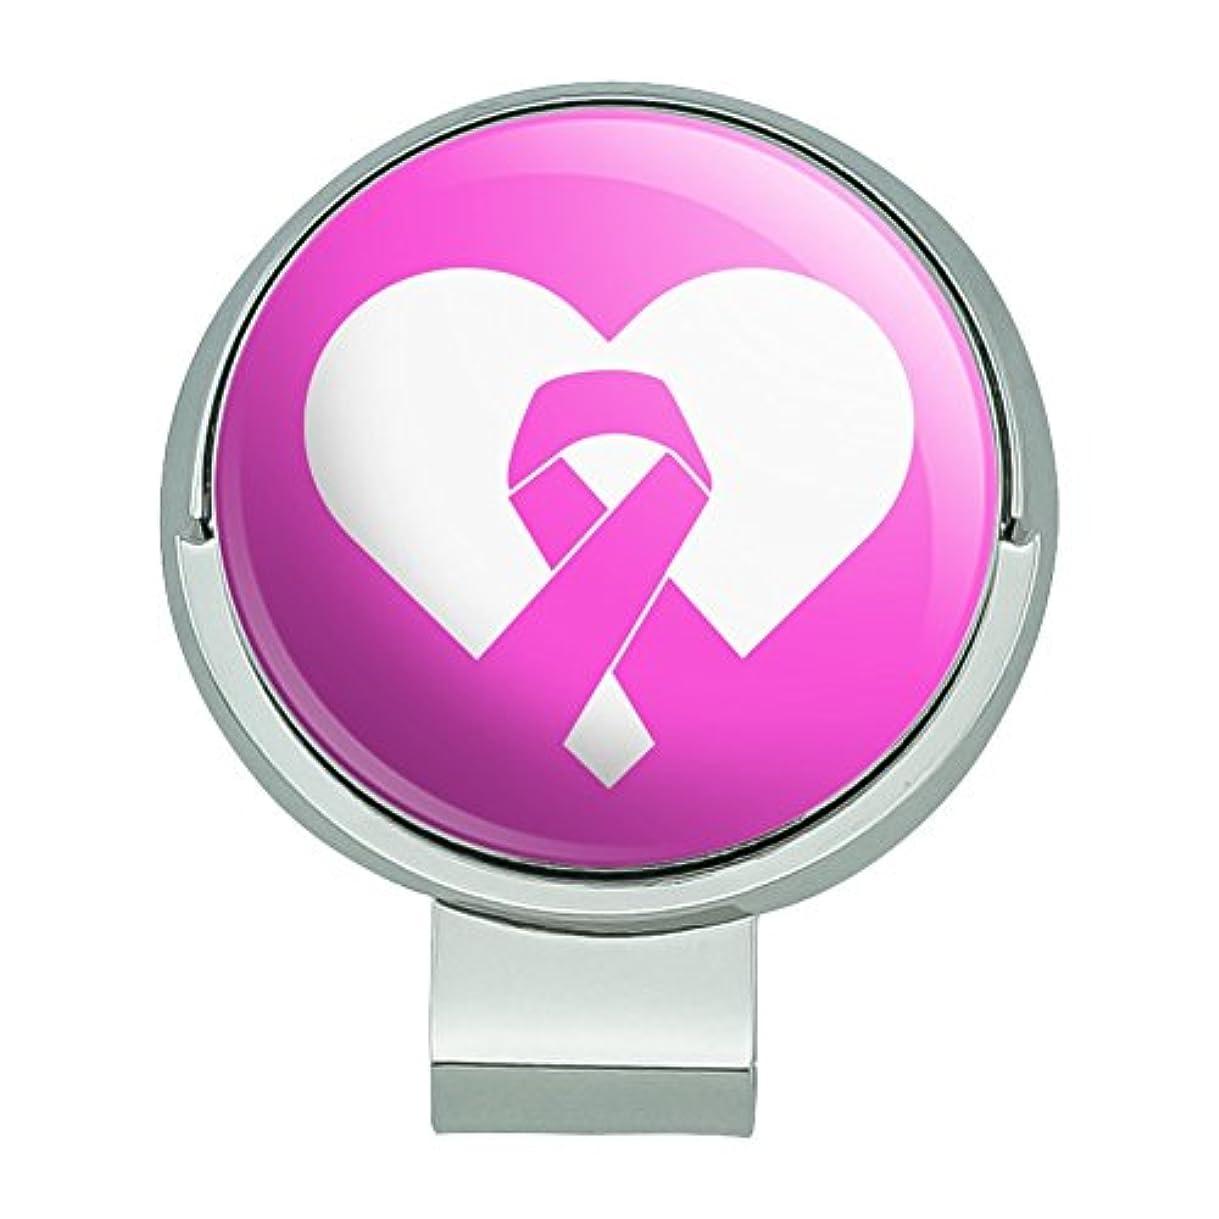 エキスパートランチ自己胸の乳癌意識ピンクリボン磁気ボールマーカー付きゴルフハットクリップ